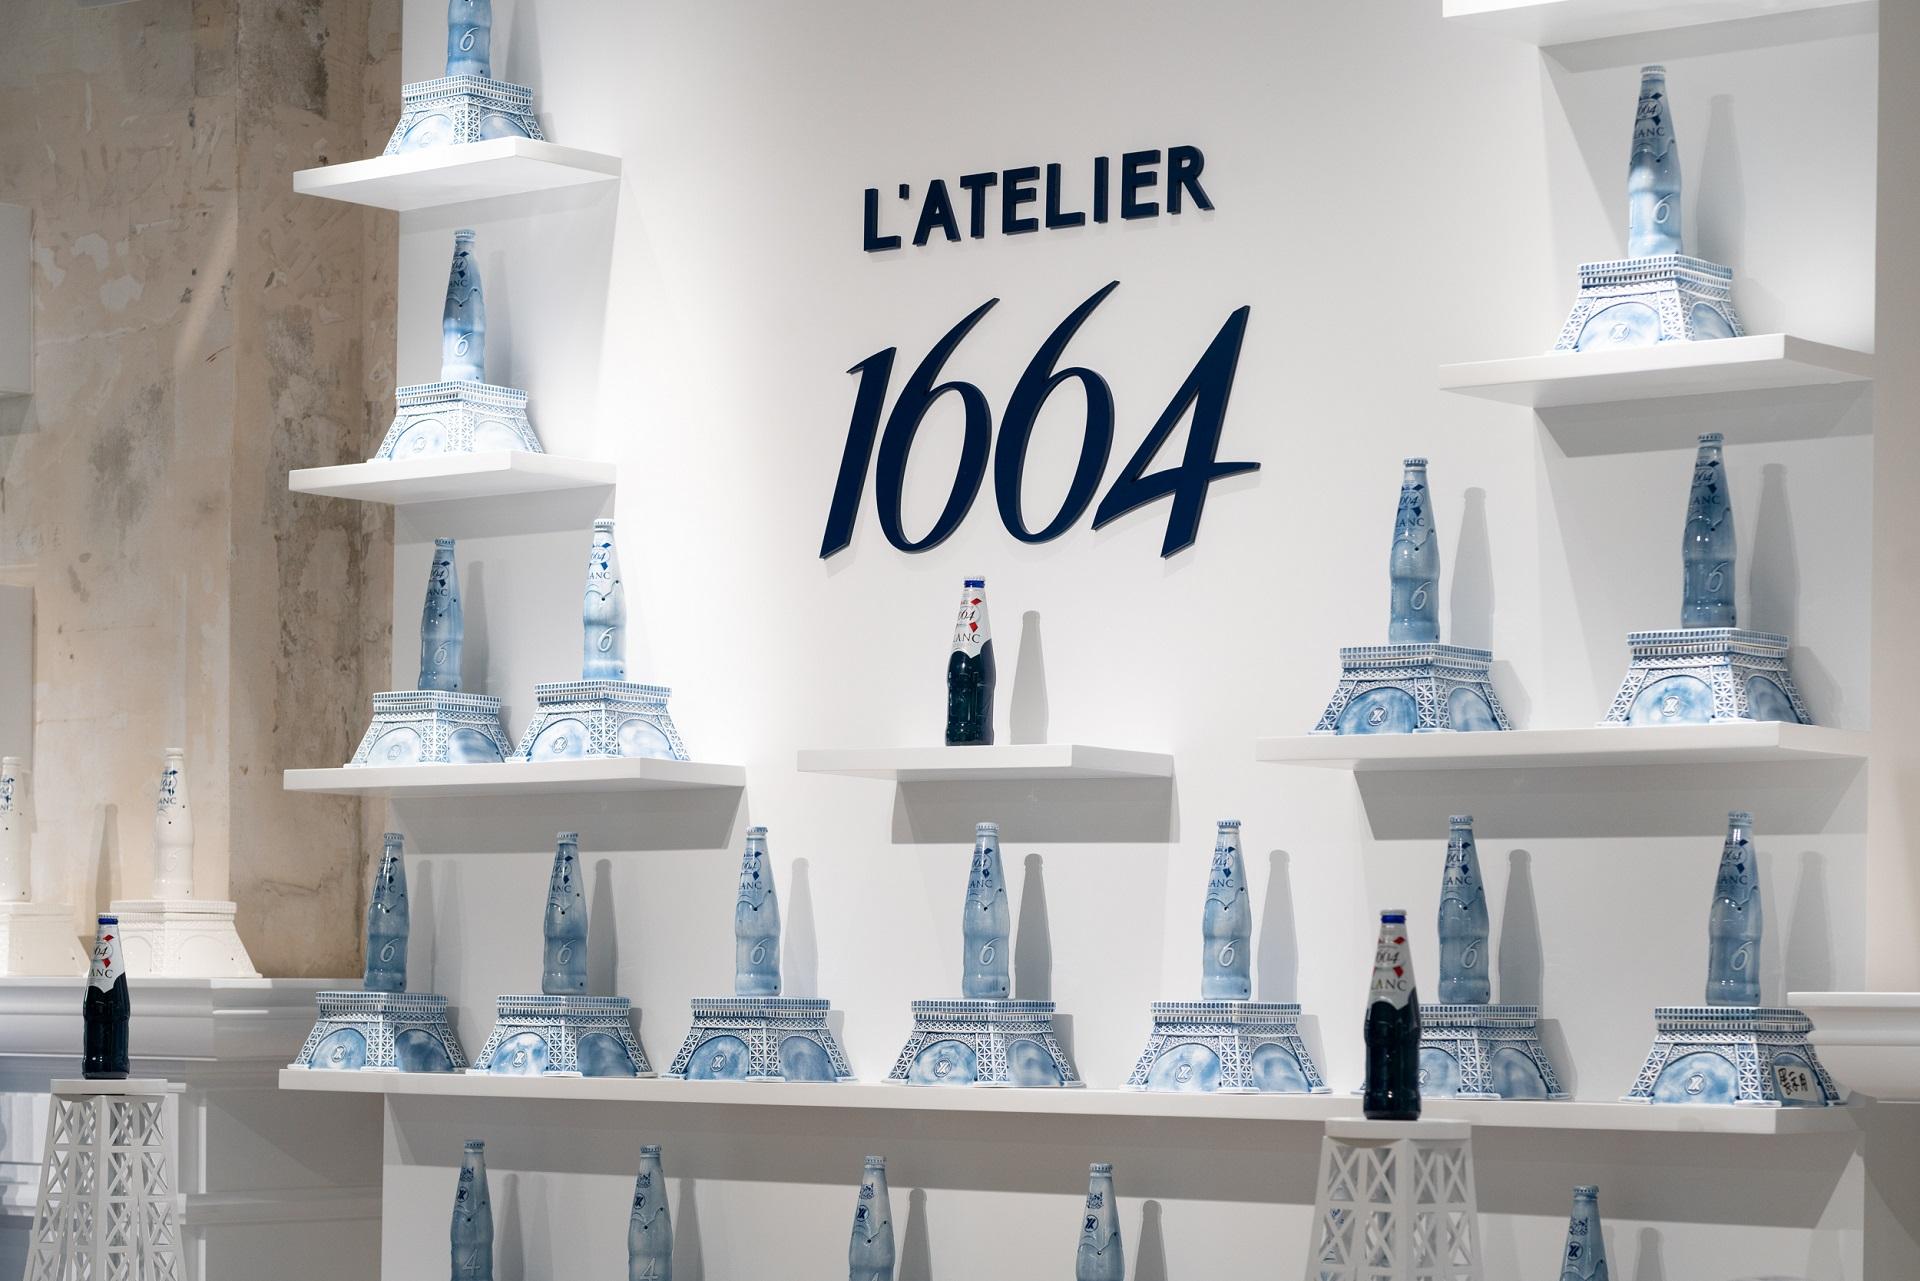 """""""1664 L'ATELIER巴黎艺墅""""抵临上海  1664品牌代言人迪丽热巴探索法式生活插图(15)"""